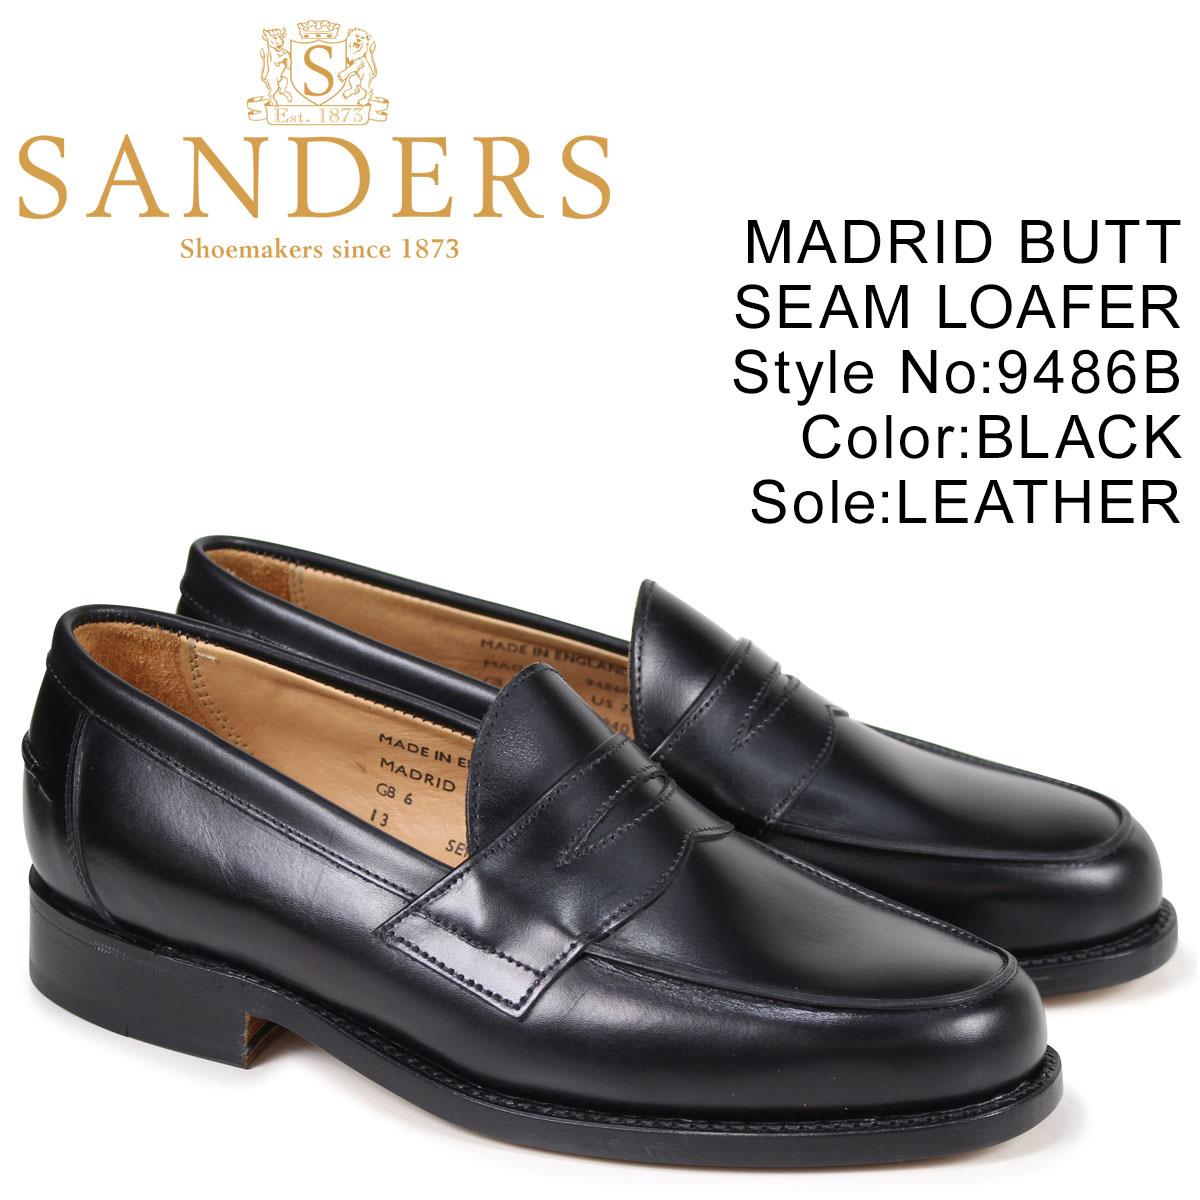 サンダース SANDERS ペニーローファー MADRID BUTT SEAM LOAFER メンズ ブラック 9486B